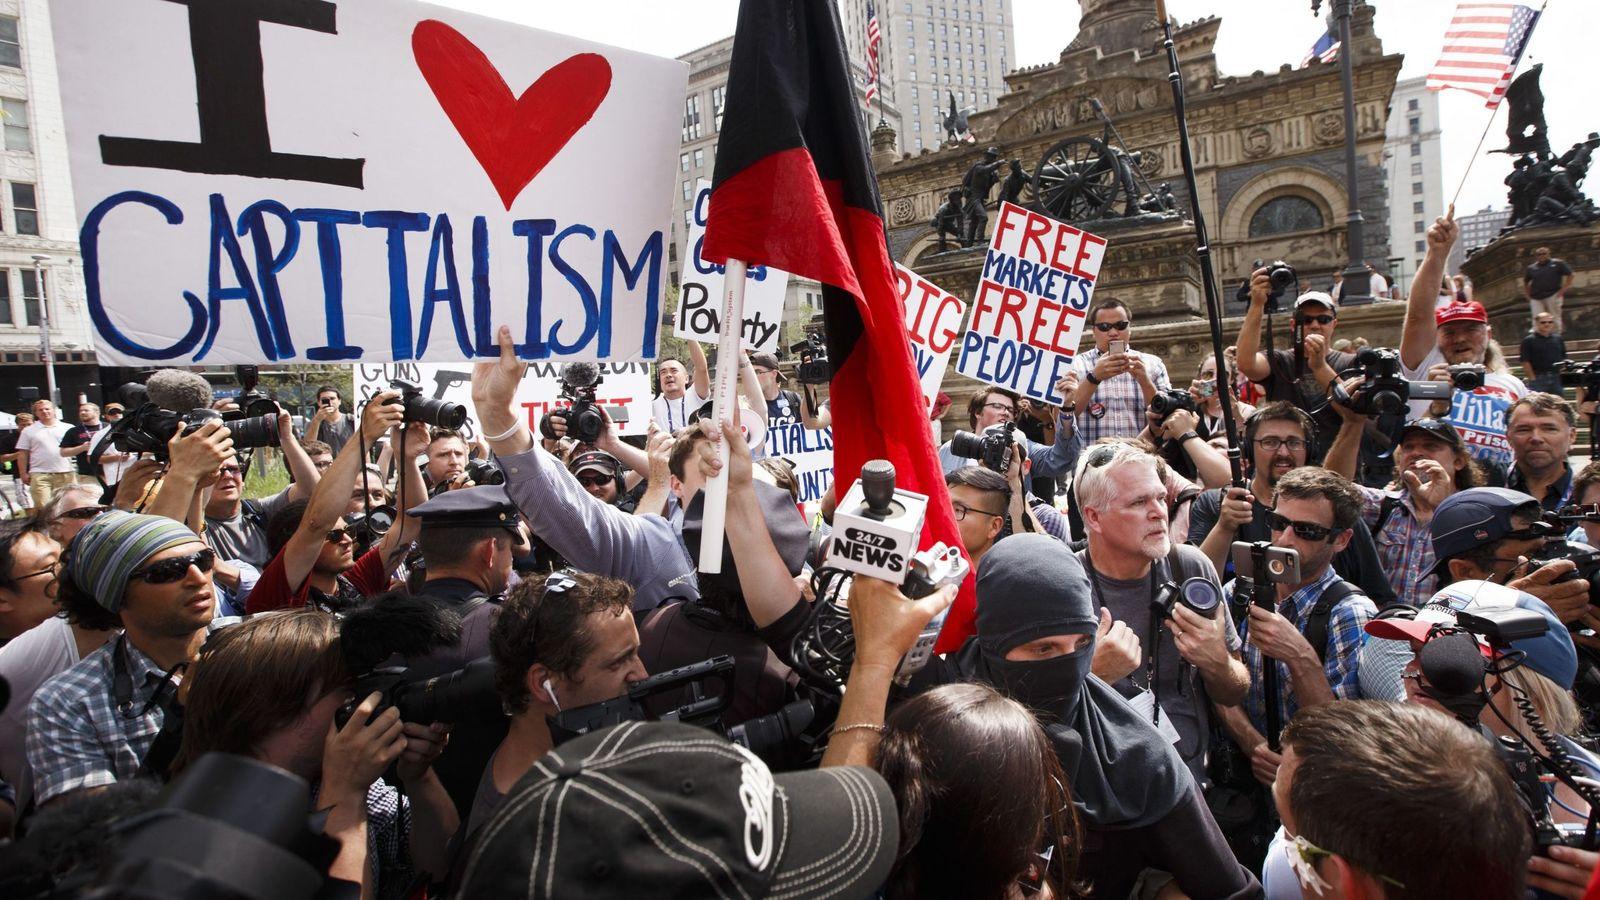 Foto: Foto de archivo de una manifestación a favor de las virtudes del capitalismo. (EFE)